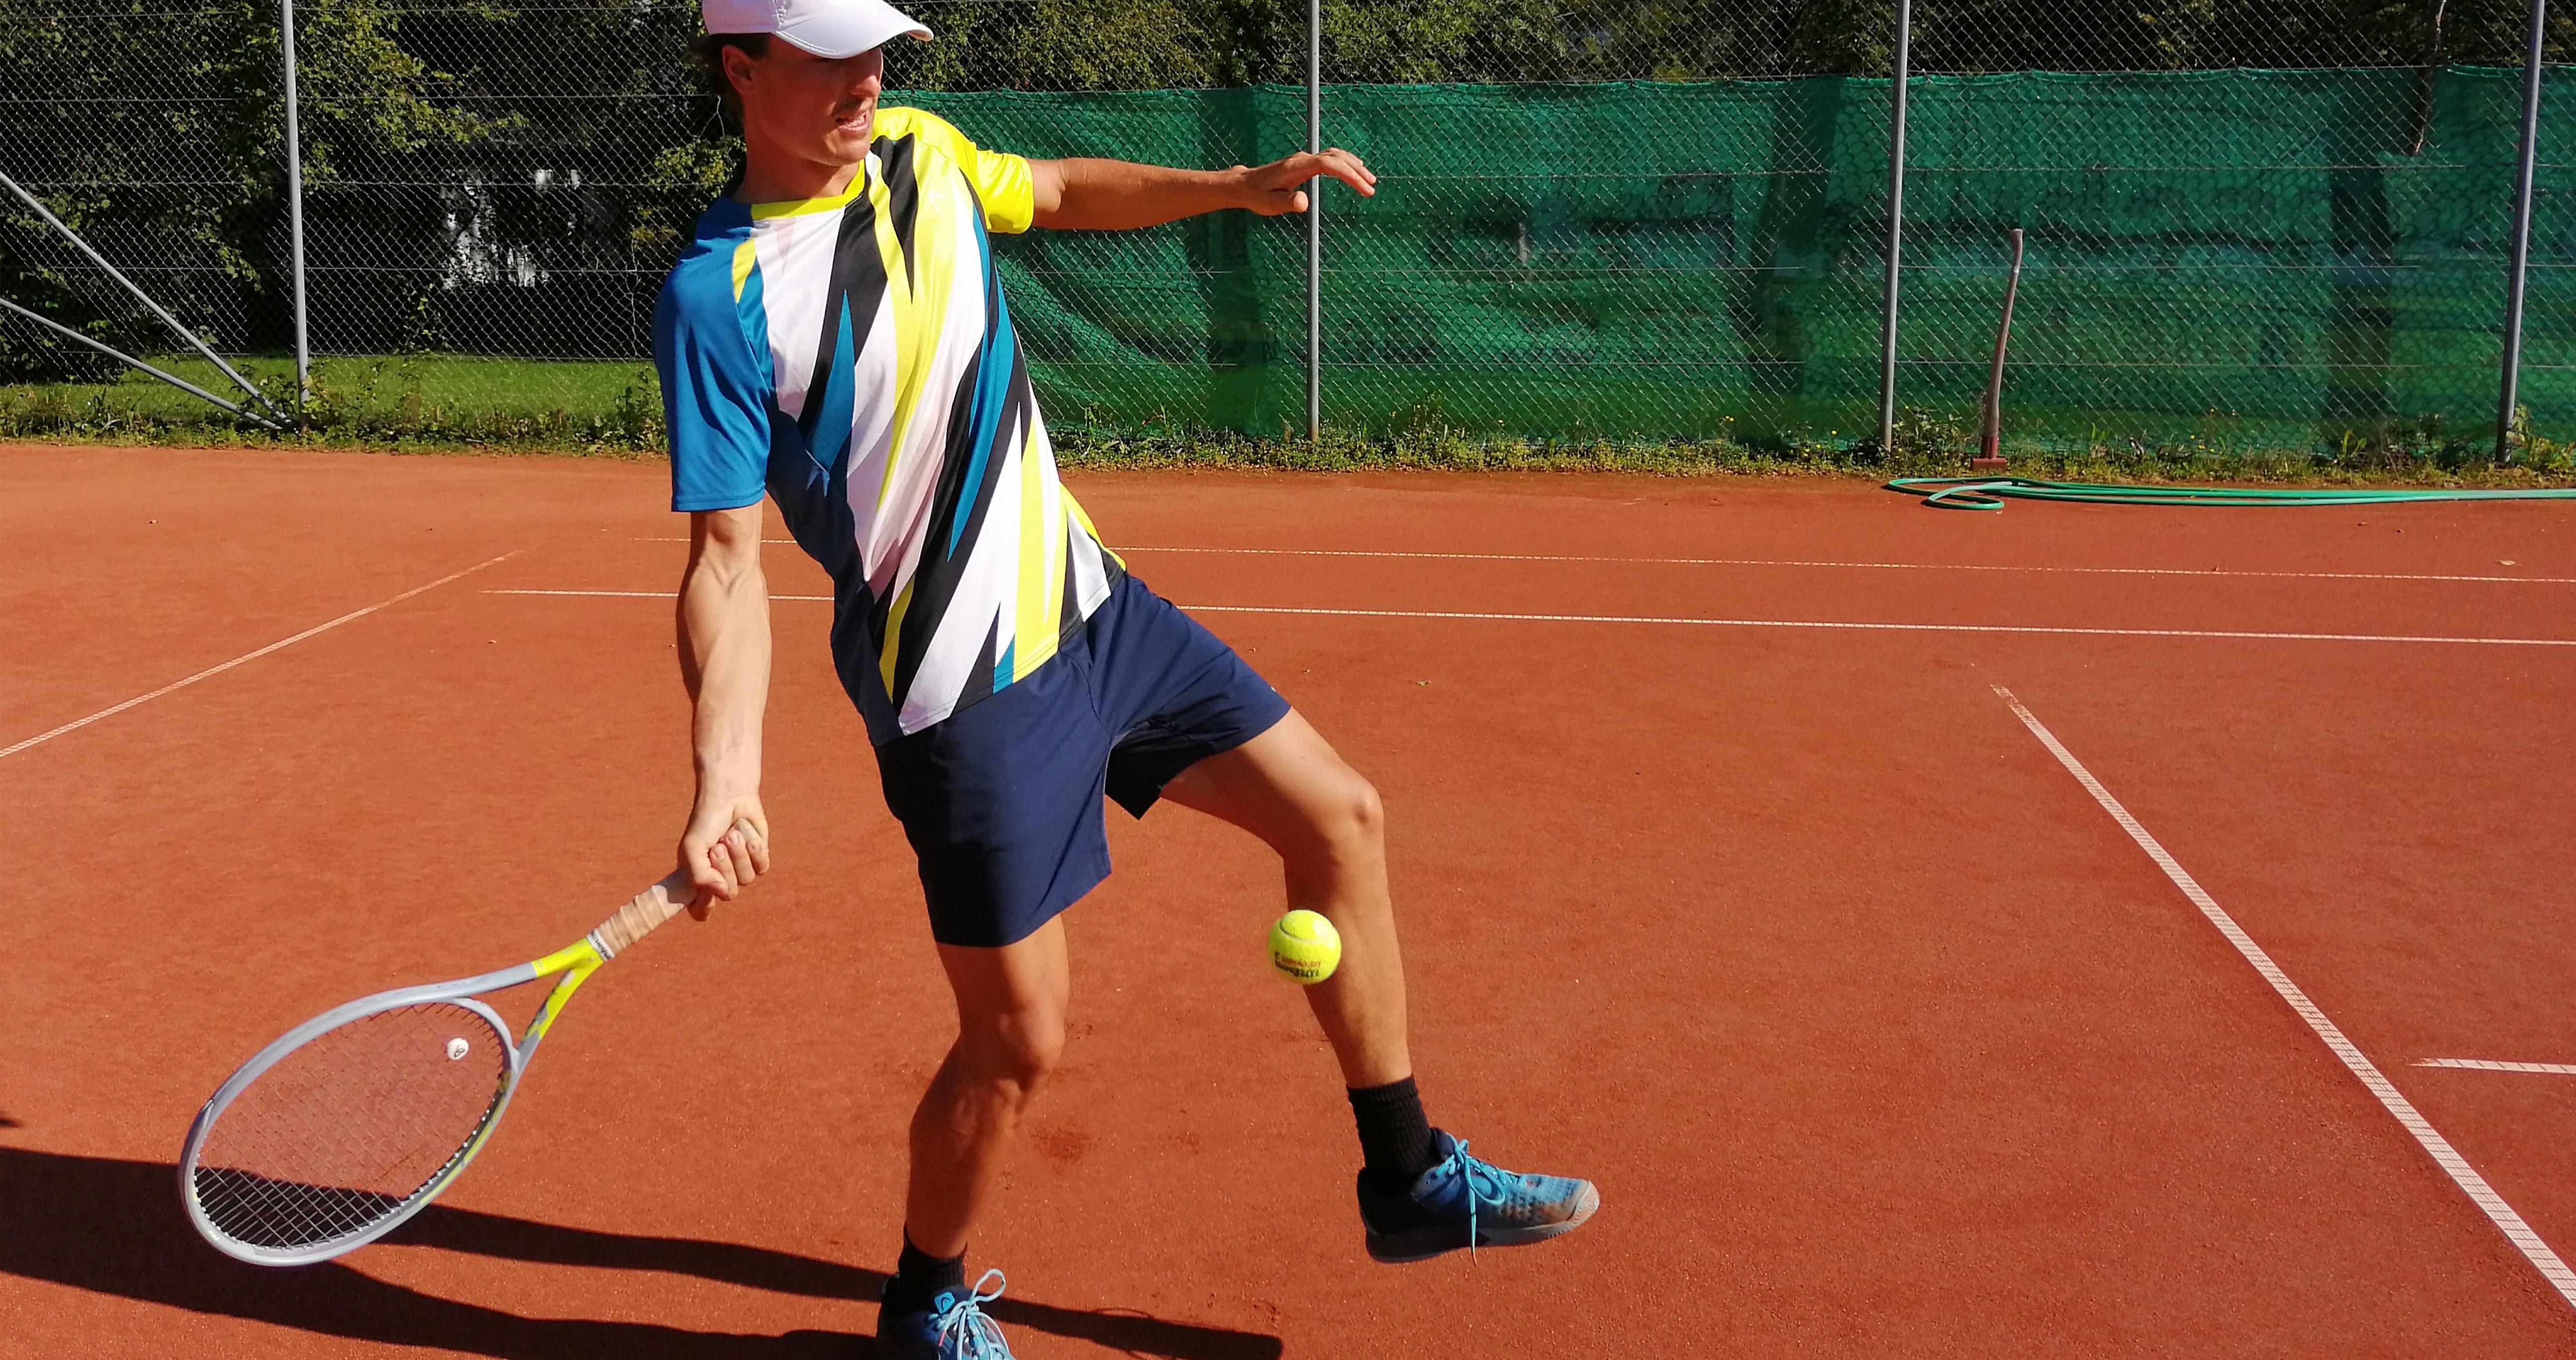 Fehler beim Tennis City Outlet Blog Dominik Wirlend Treffmoment zu spät